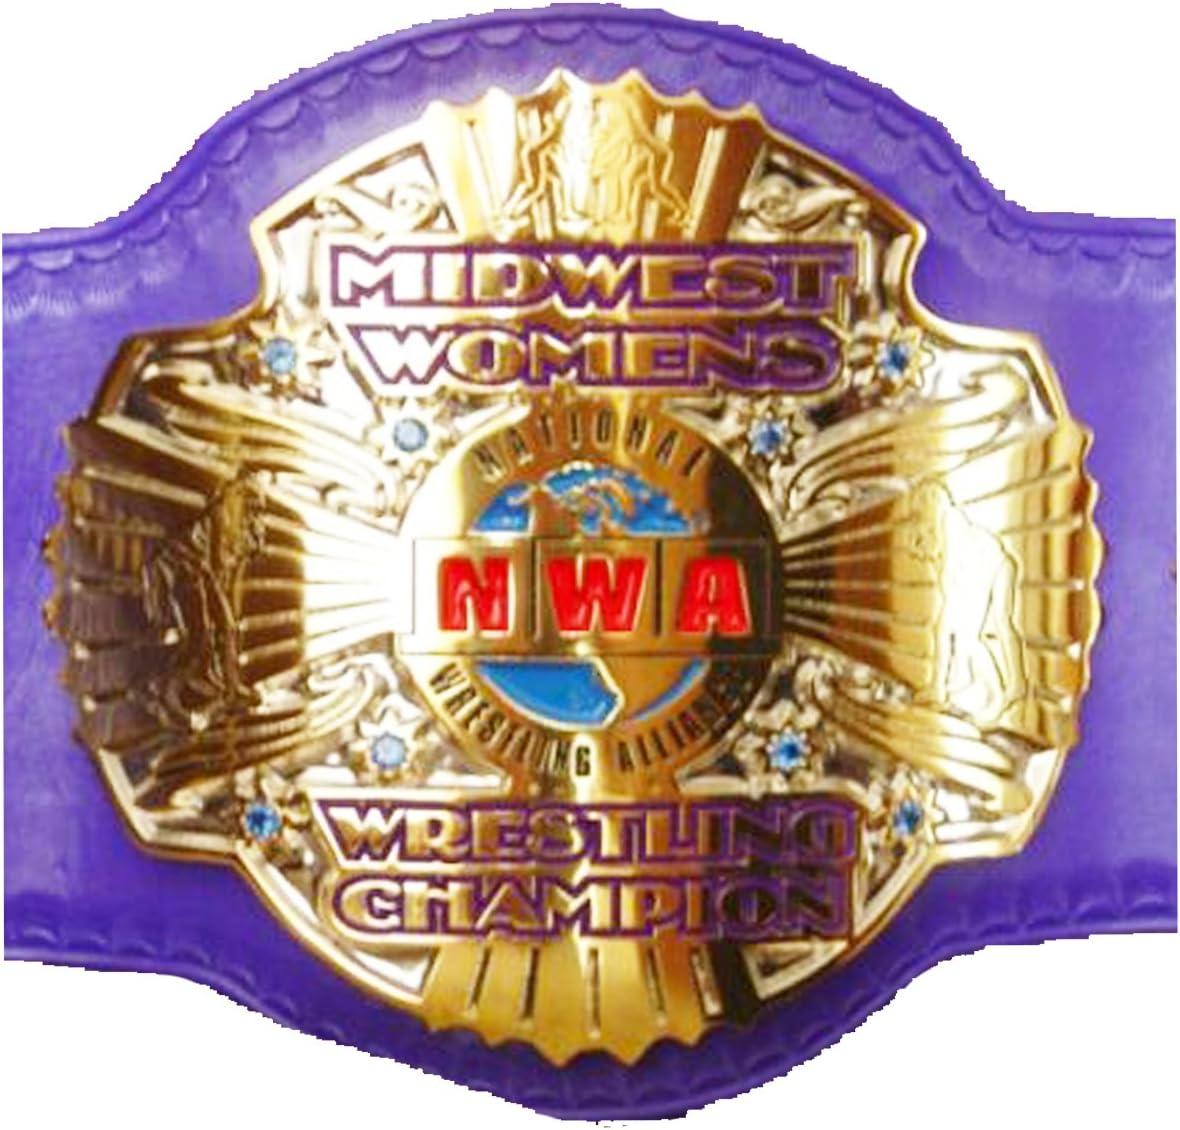 クリスマスSale $ 50オフ: NWA MidwestレディースレスリングChampionshipレプリカタイトルベルト – 真鍮メタル4 mmプレート